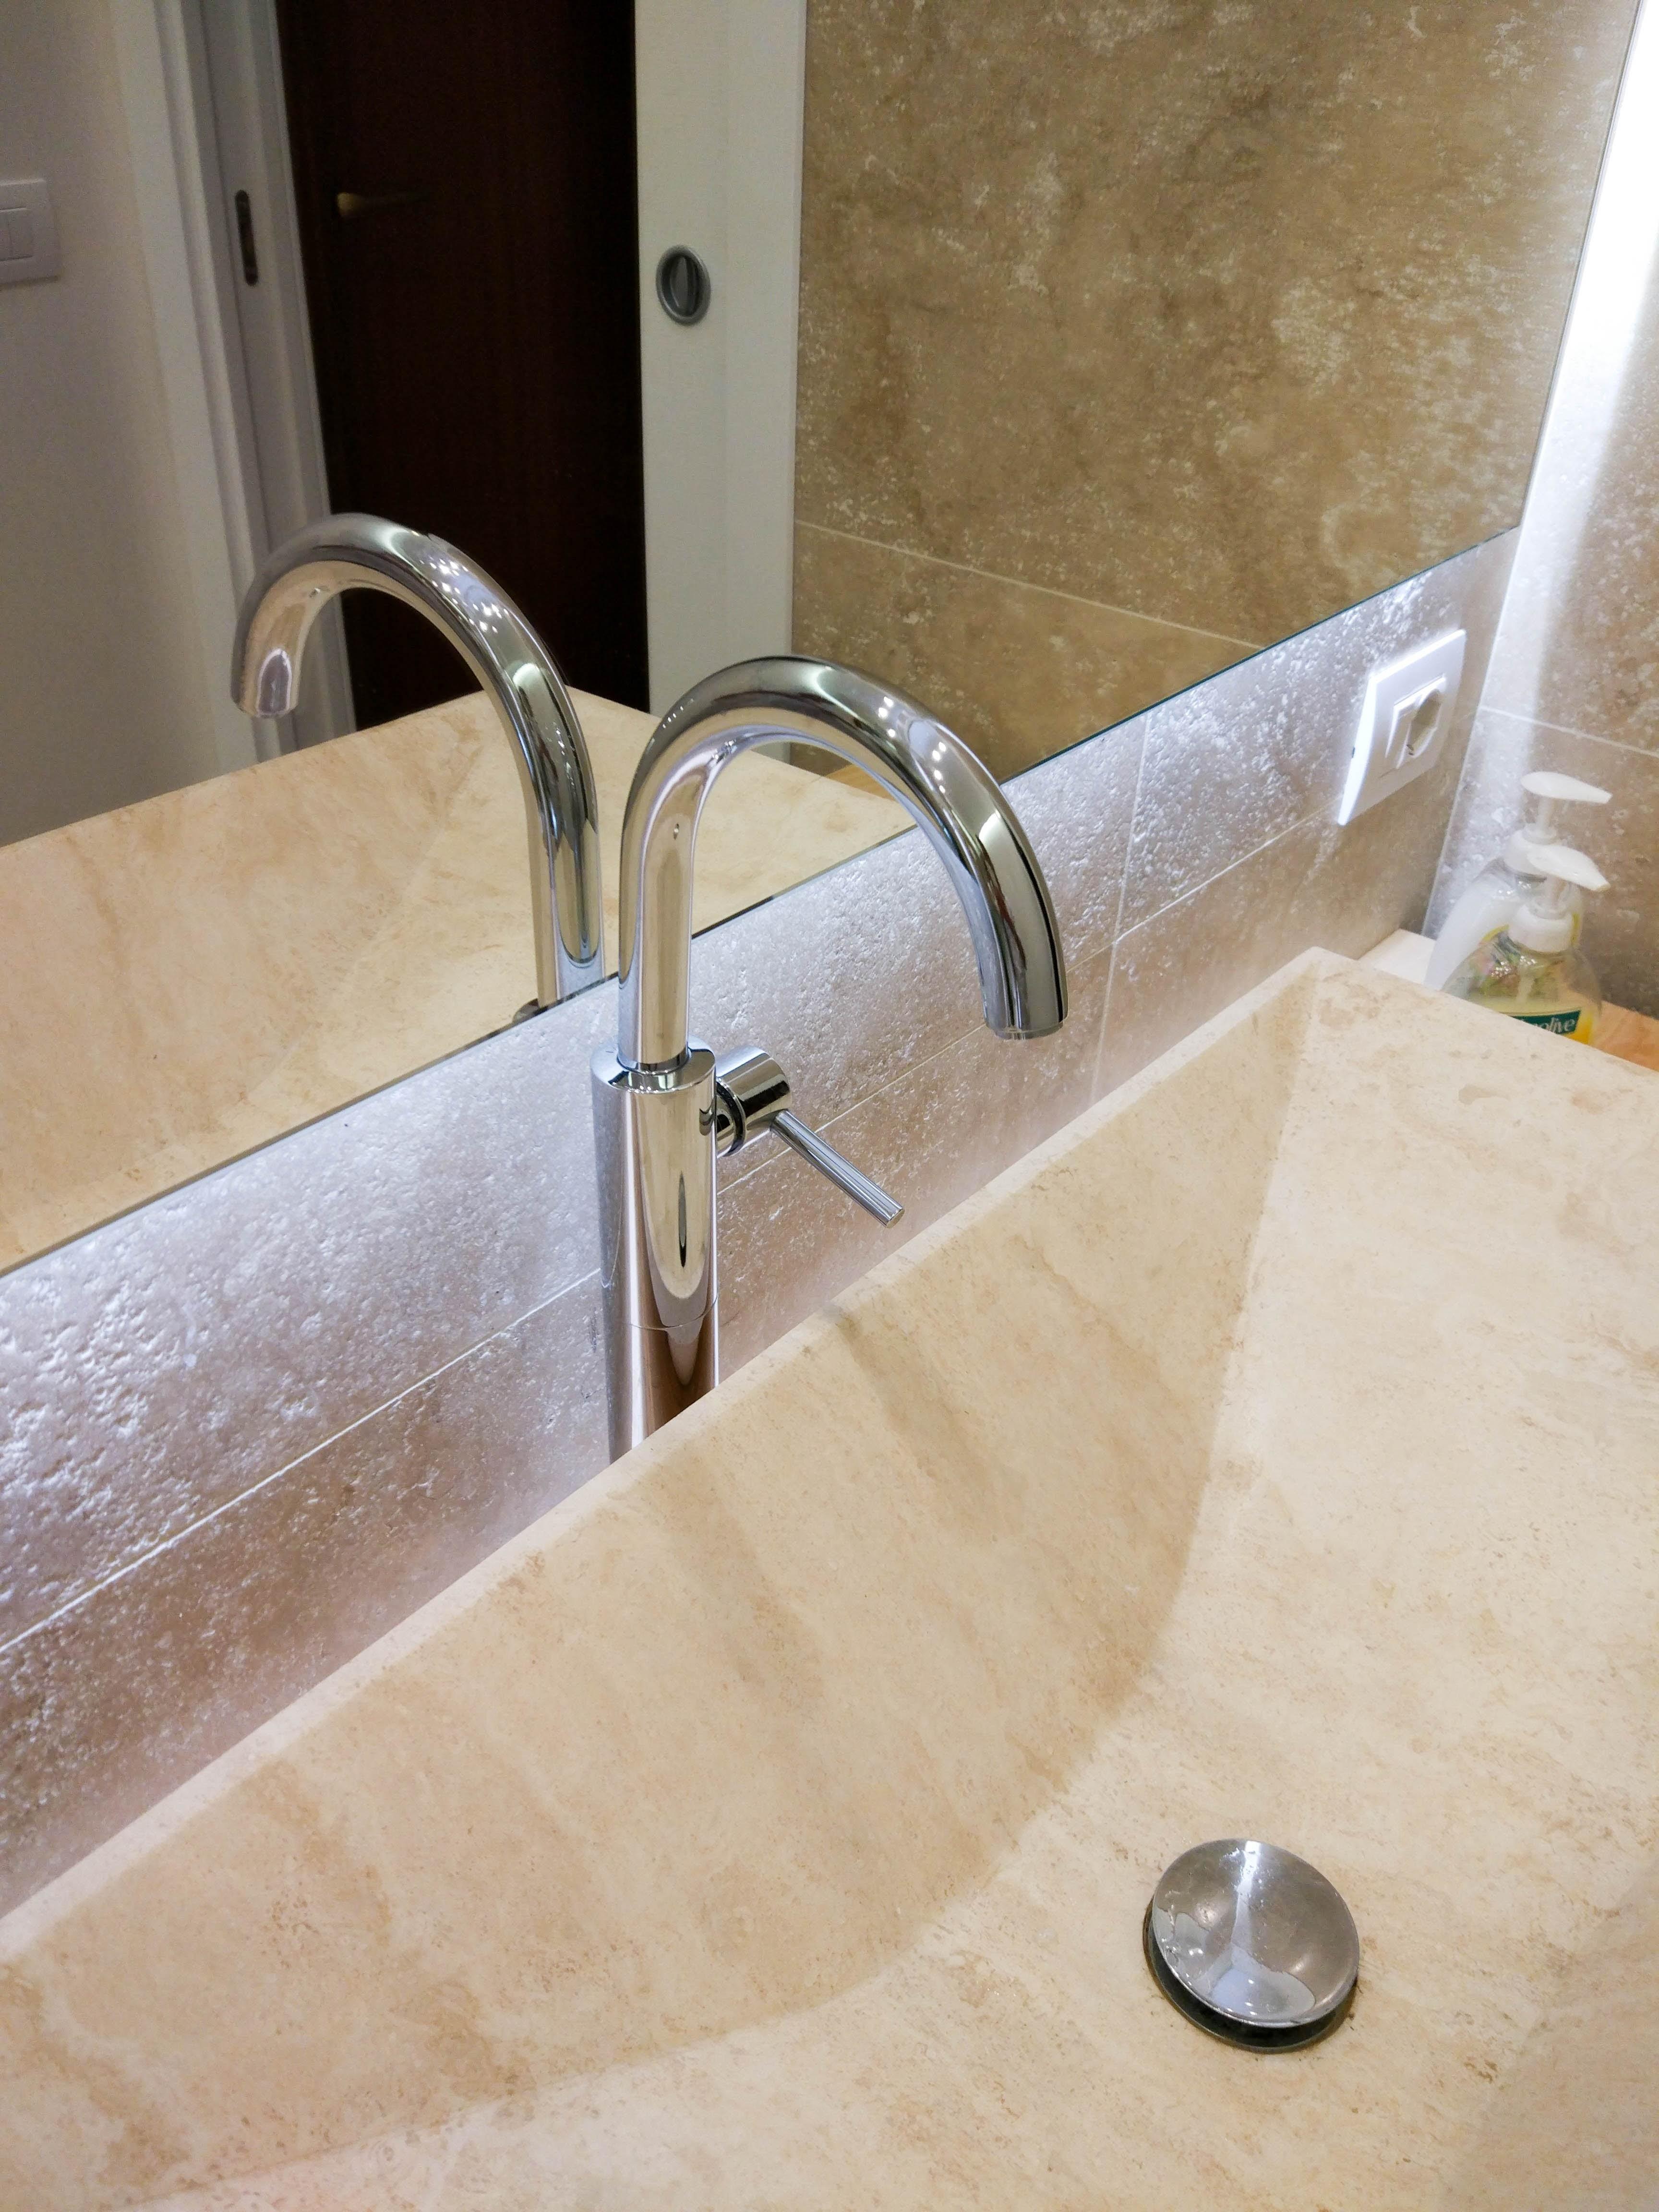 bagno moderno rubinetteria contemporanea lavabo rettangolare radda in pietra